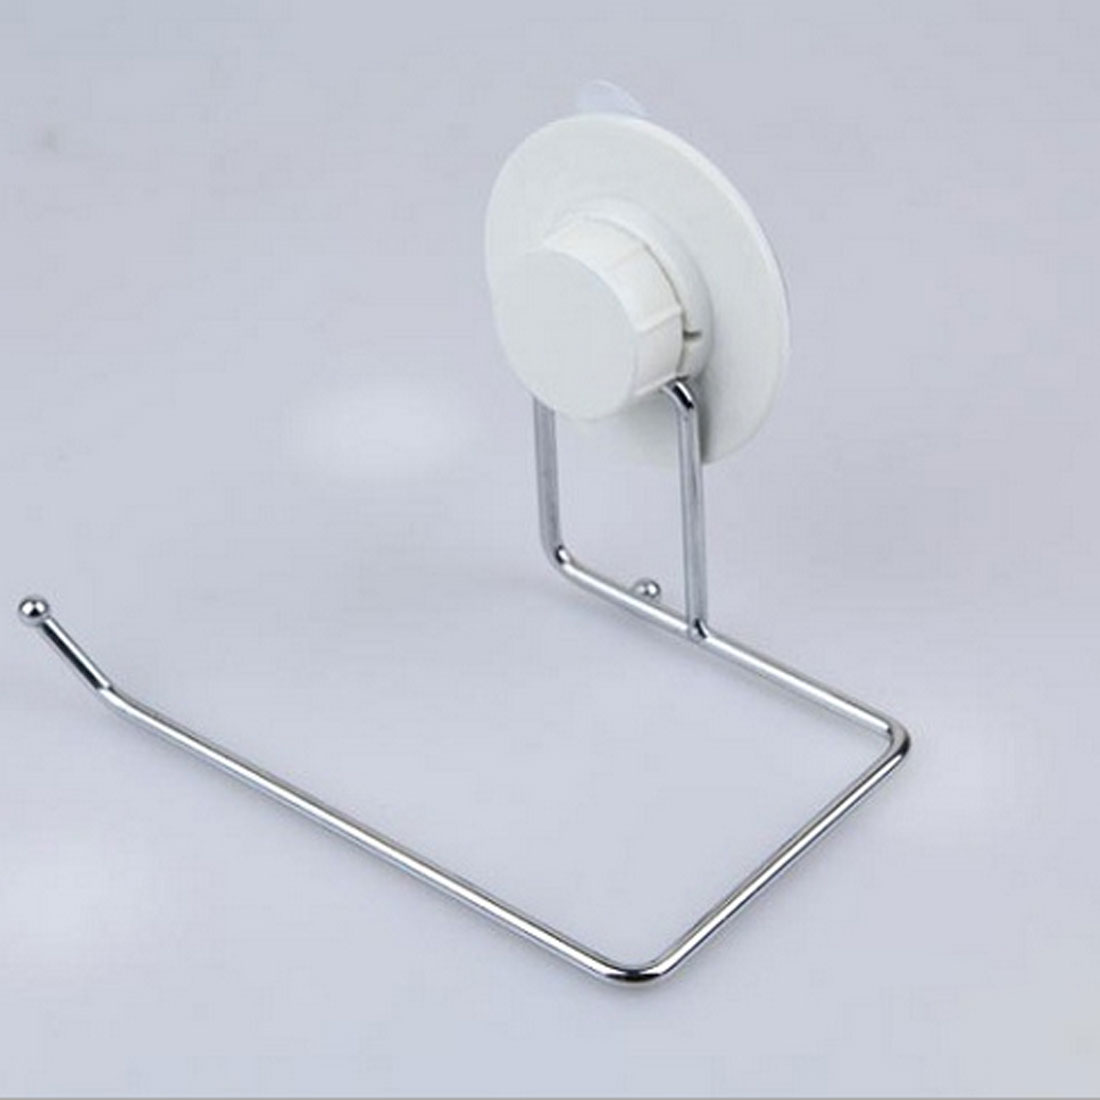 Ванная комната всасывания вешалка ткани стойки Кухня Полотенца крюк Туалет Бумага держат ...